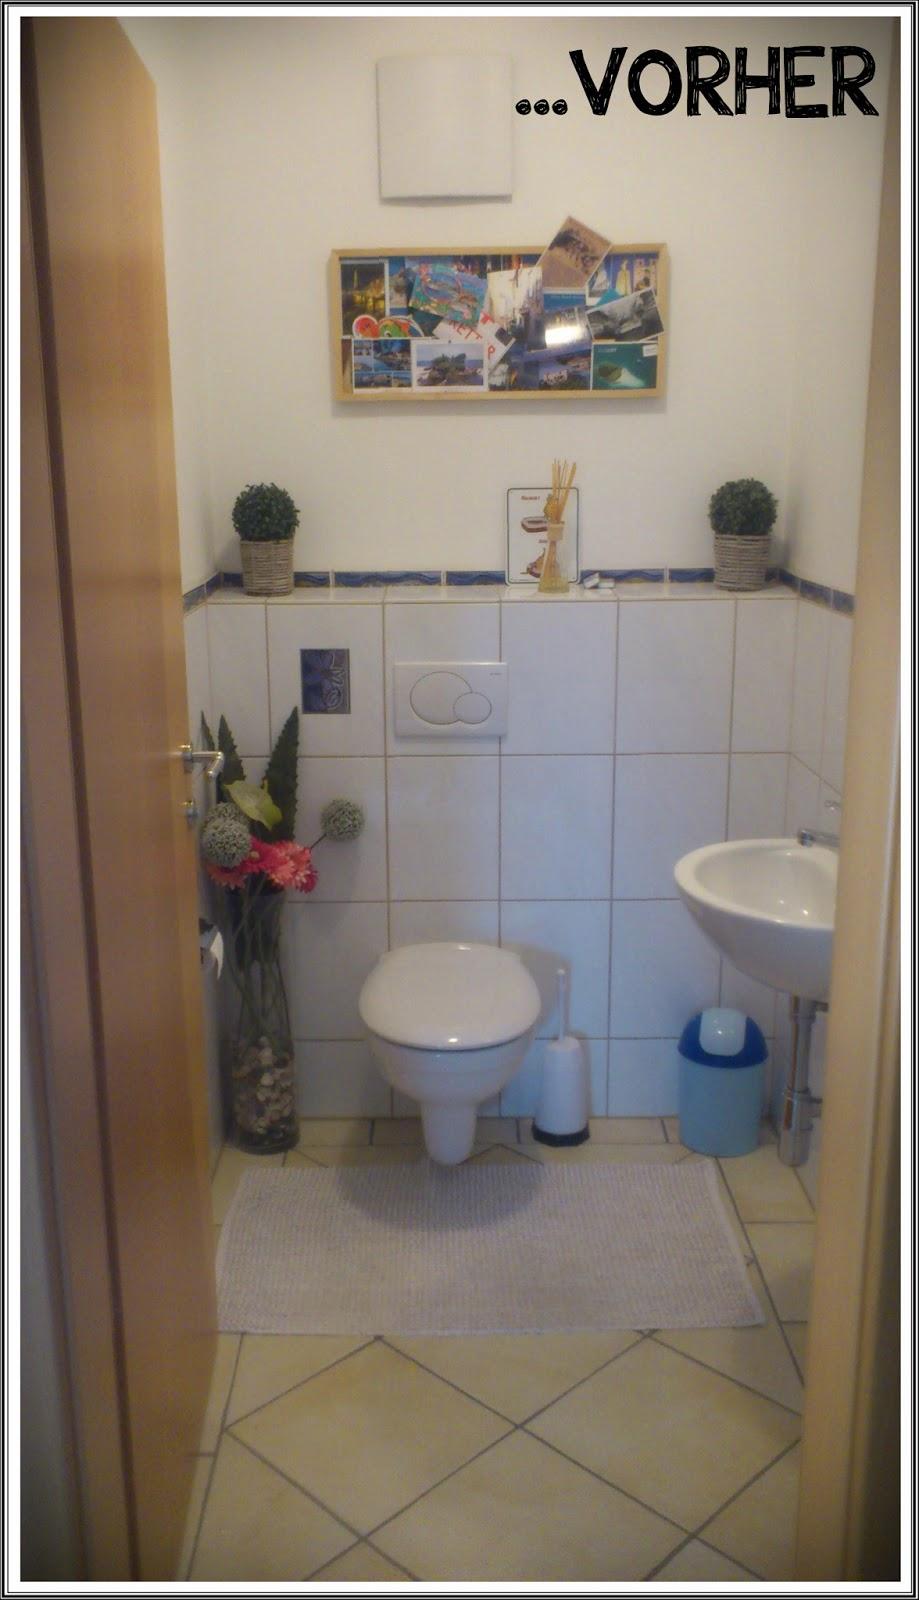 diy vorher nachher wc makeover wohnprojekt wohnblog f r interior diy und lifestyle. Black Bedroom Furniture Sets. Home Design Ideas